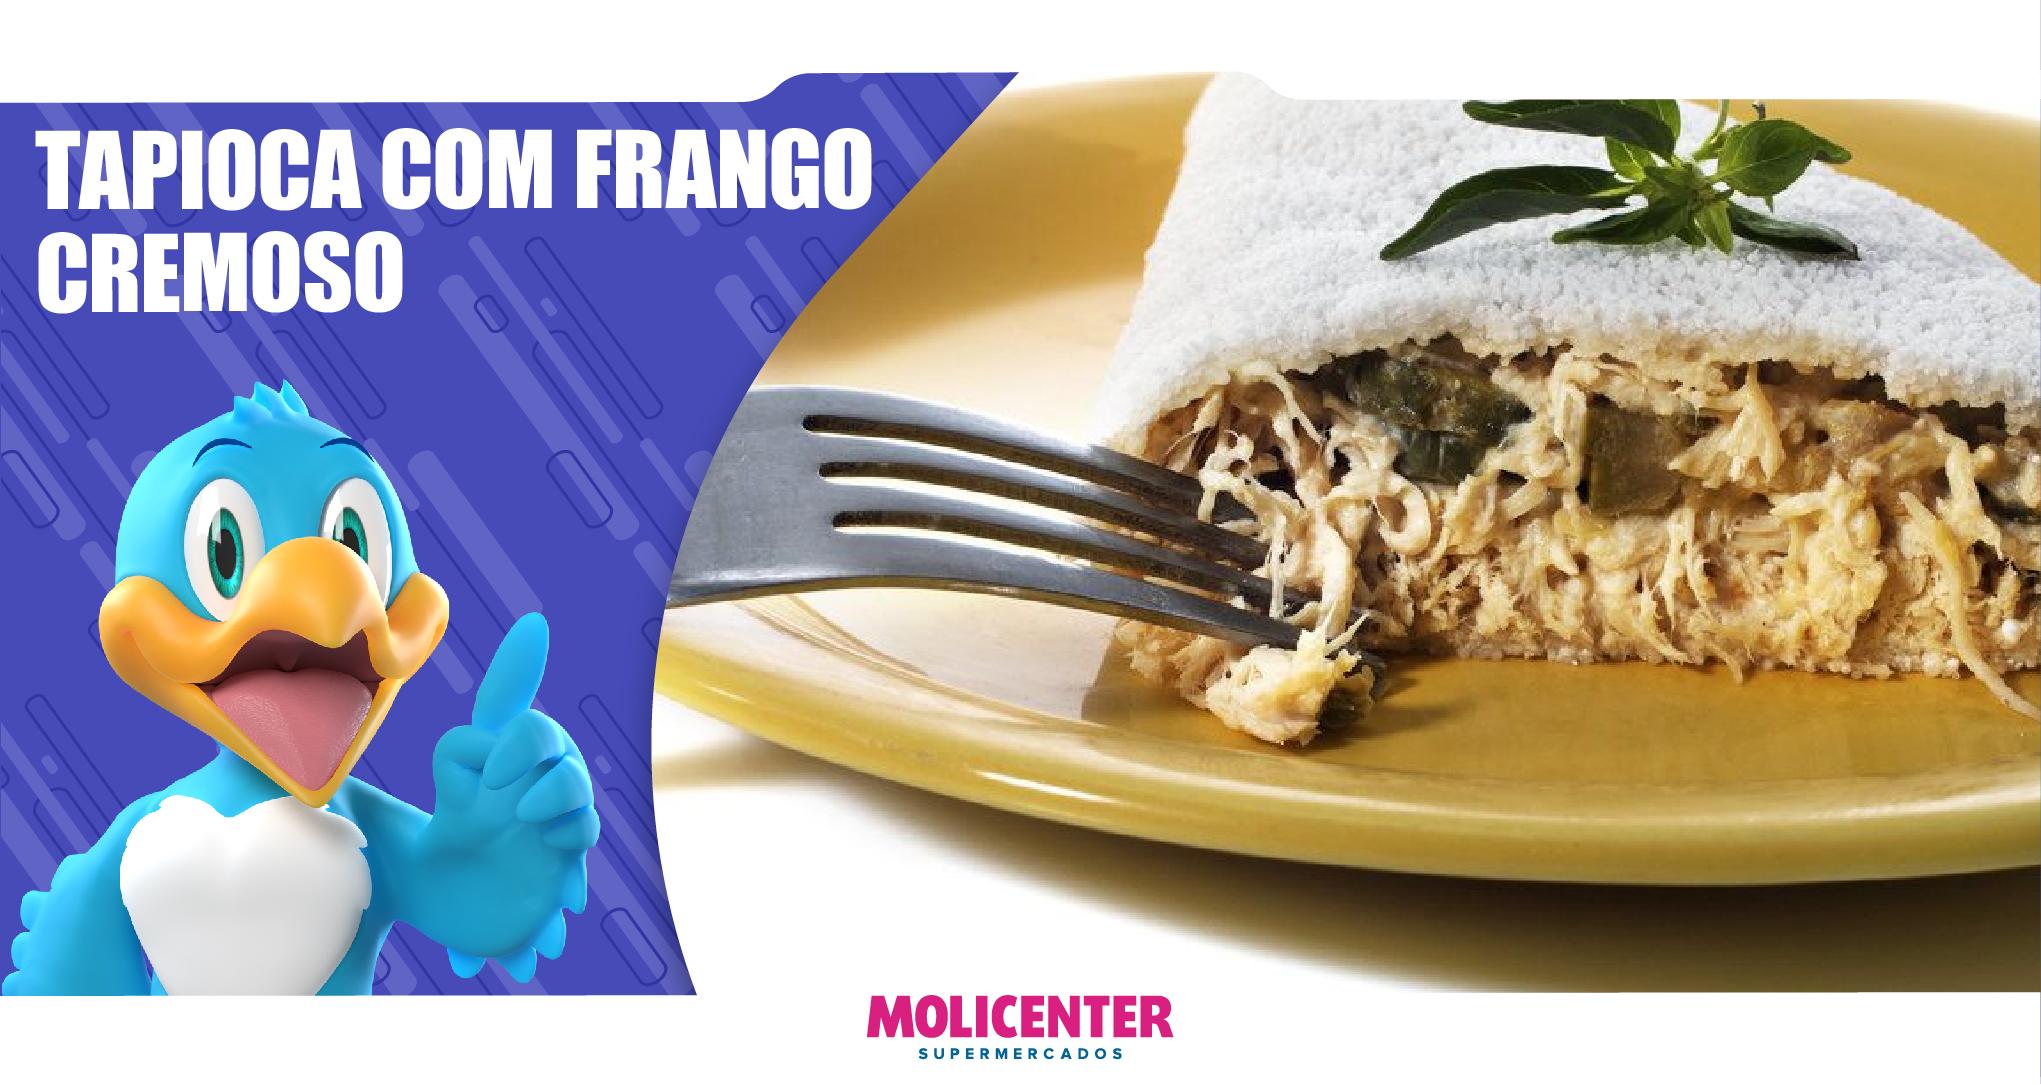 Tapioca de Frango Cremoso